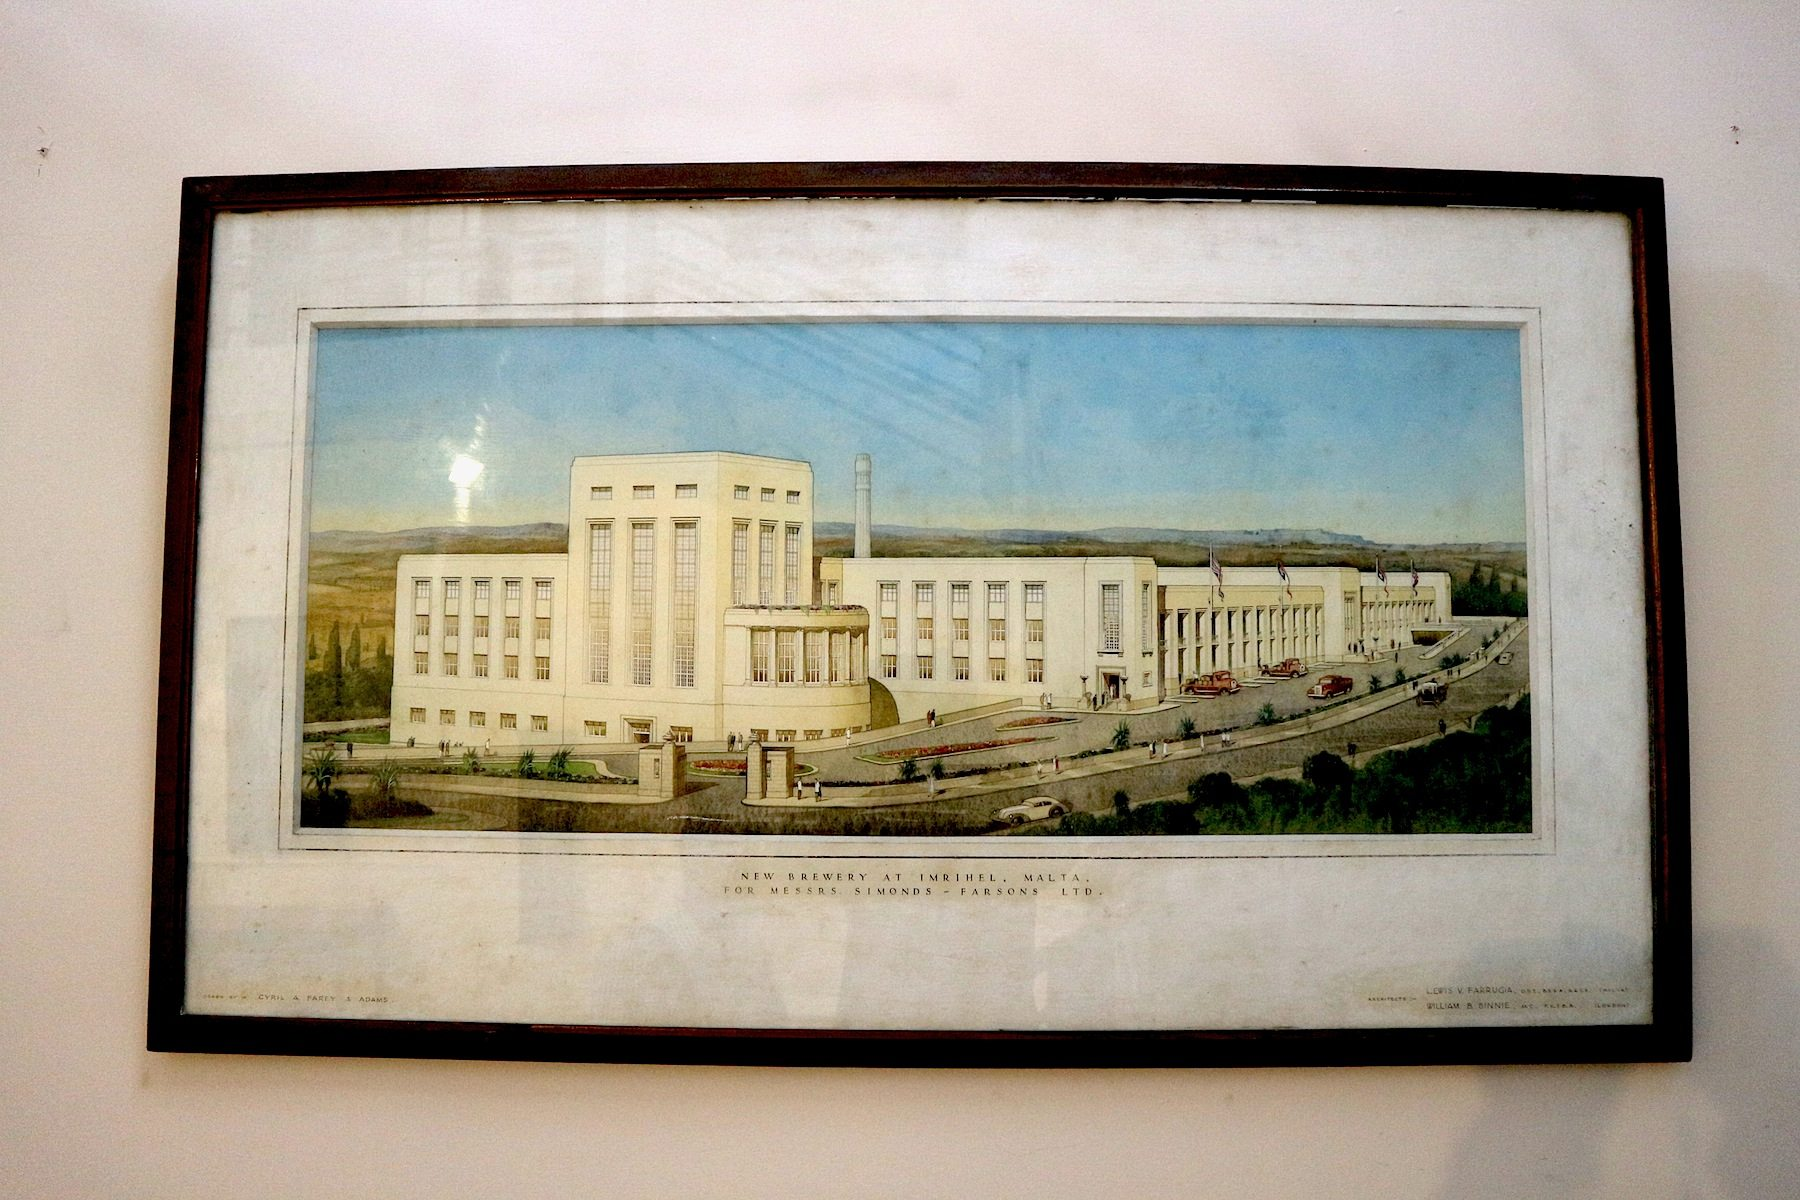 Historisch.  Bild der alten Brauerei, die 1950 eröffnet wurde.